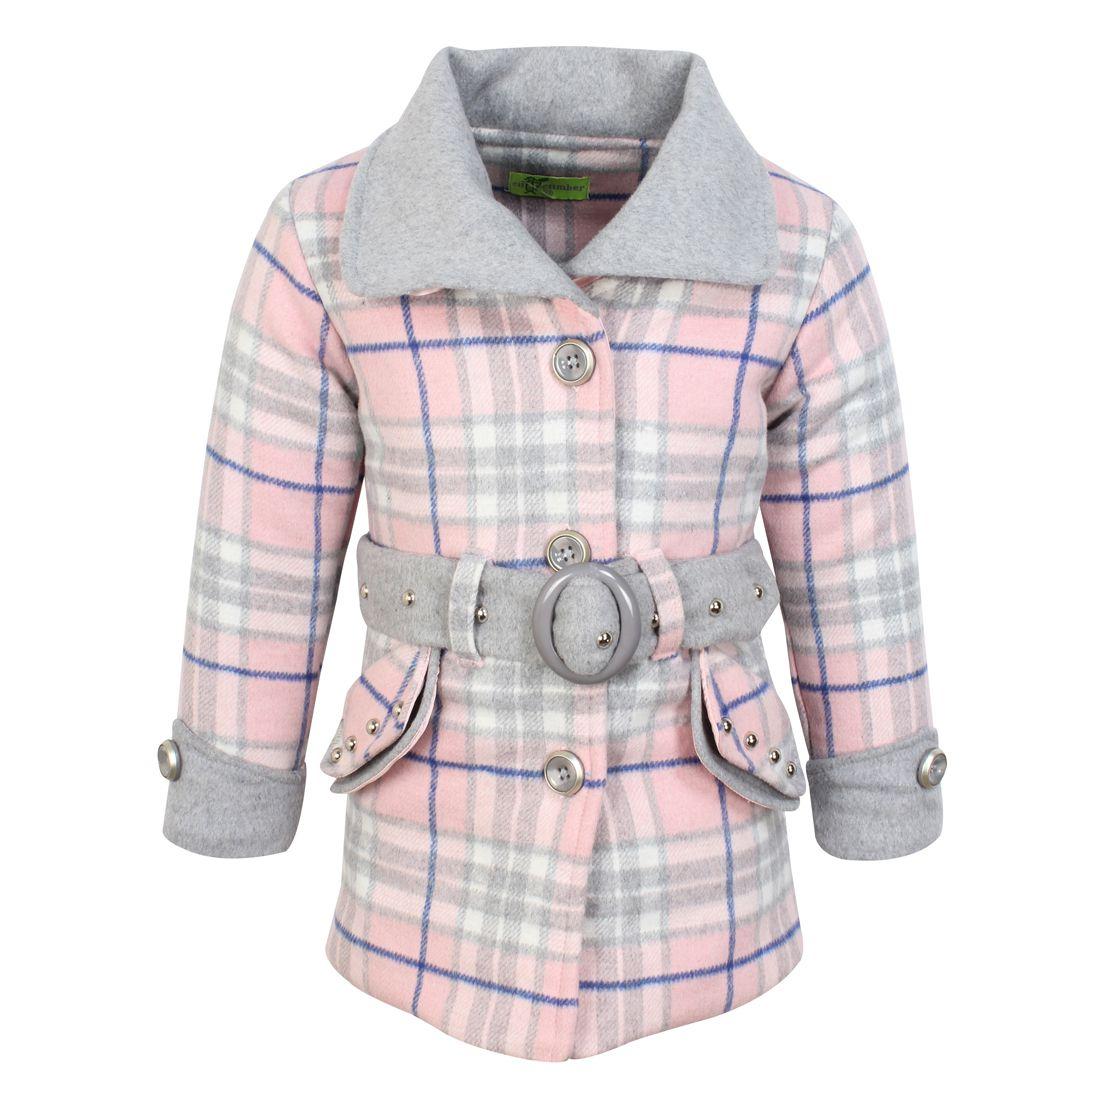 Cutecumber Girls Partywear Pure Wool Heavy Winter Jacket